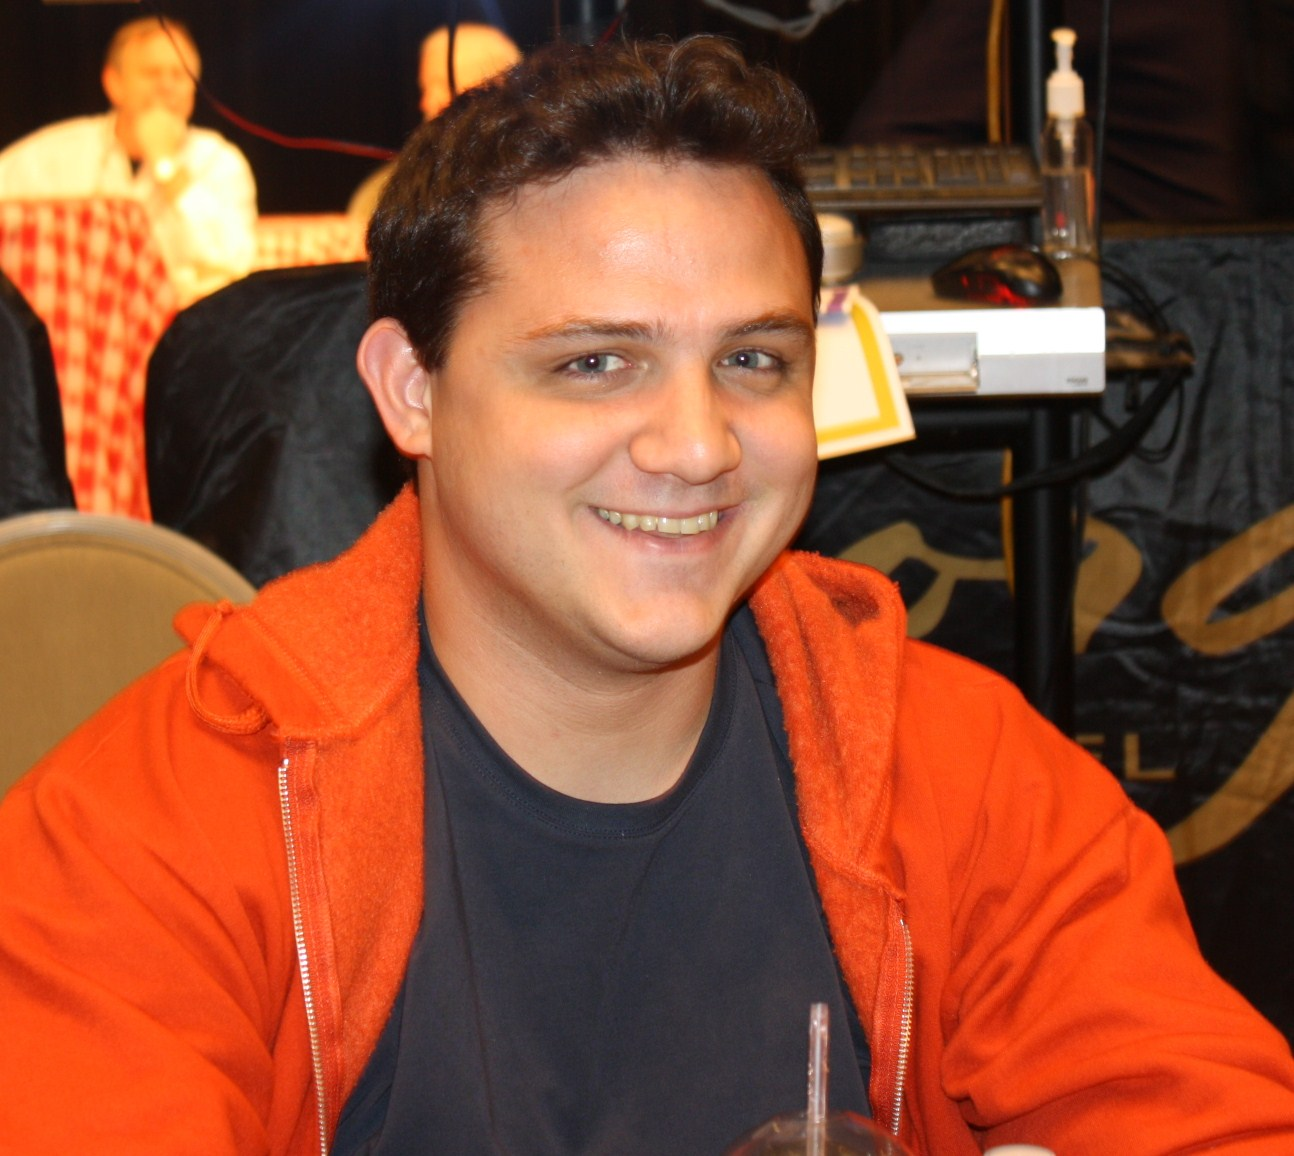 Winter poker open 2012 jan 23 2012 for Peter ippolito